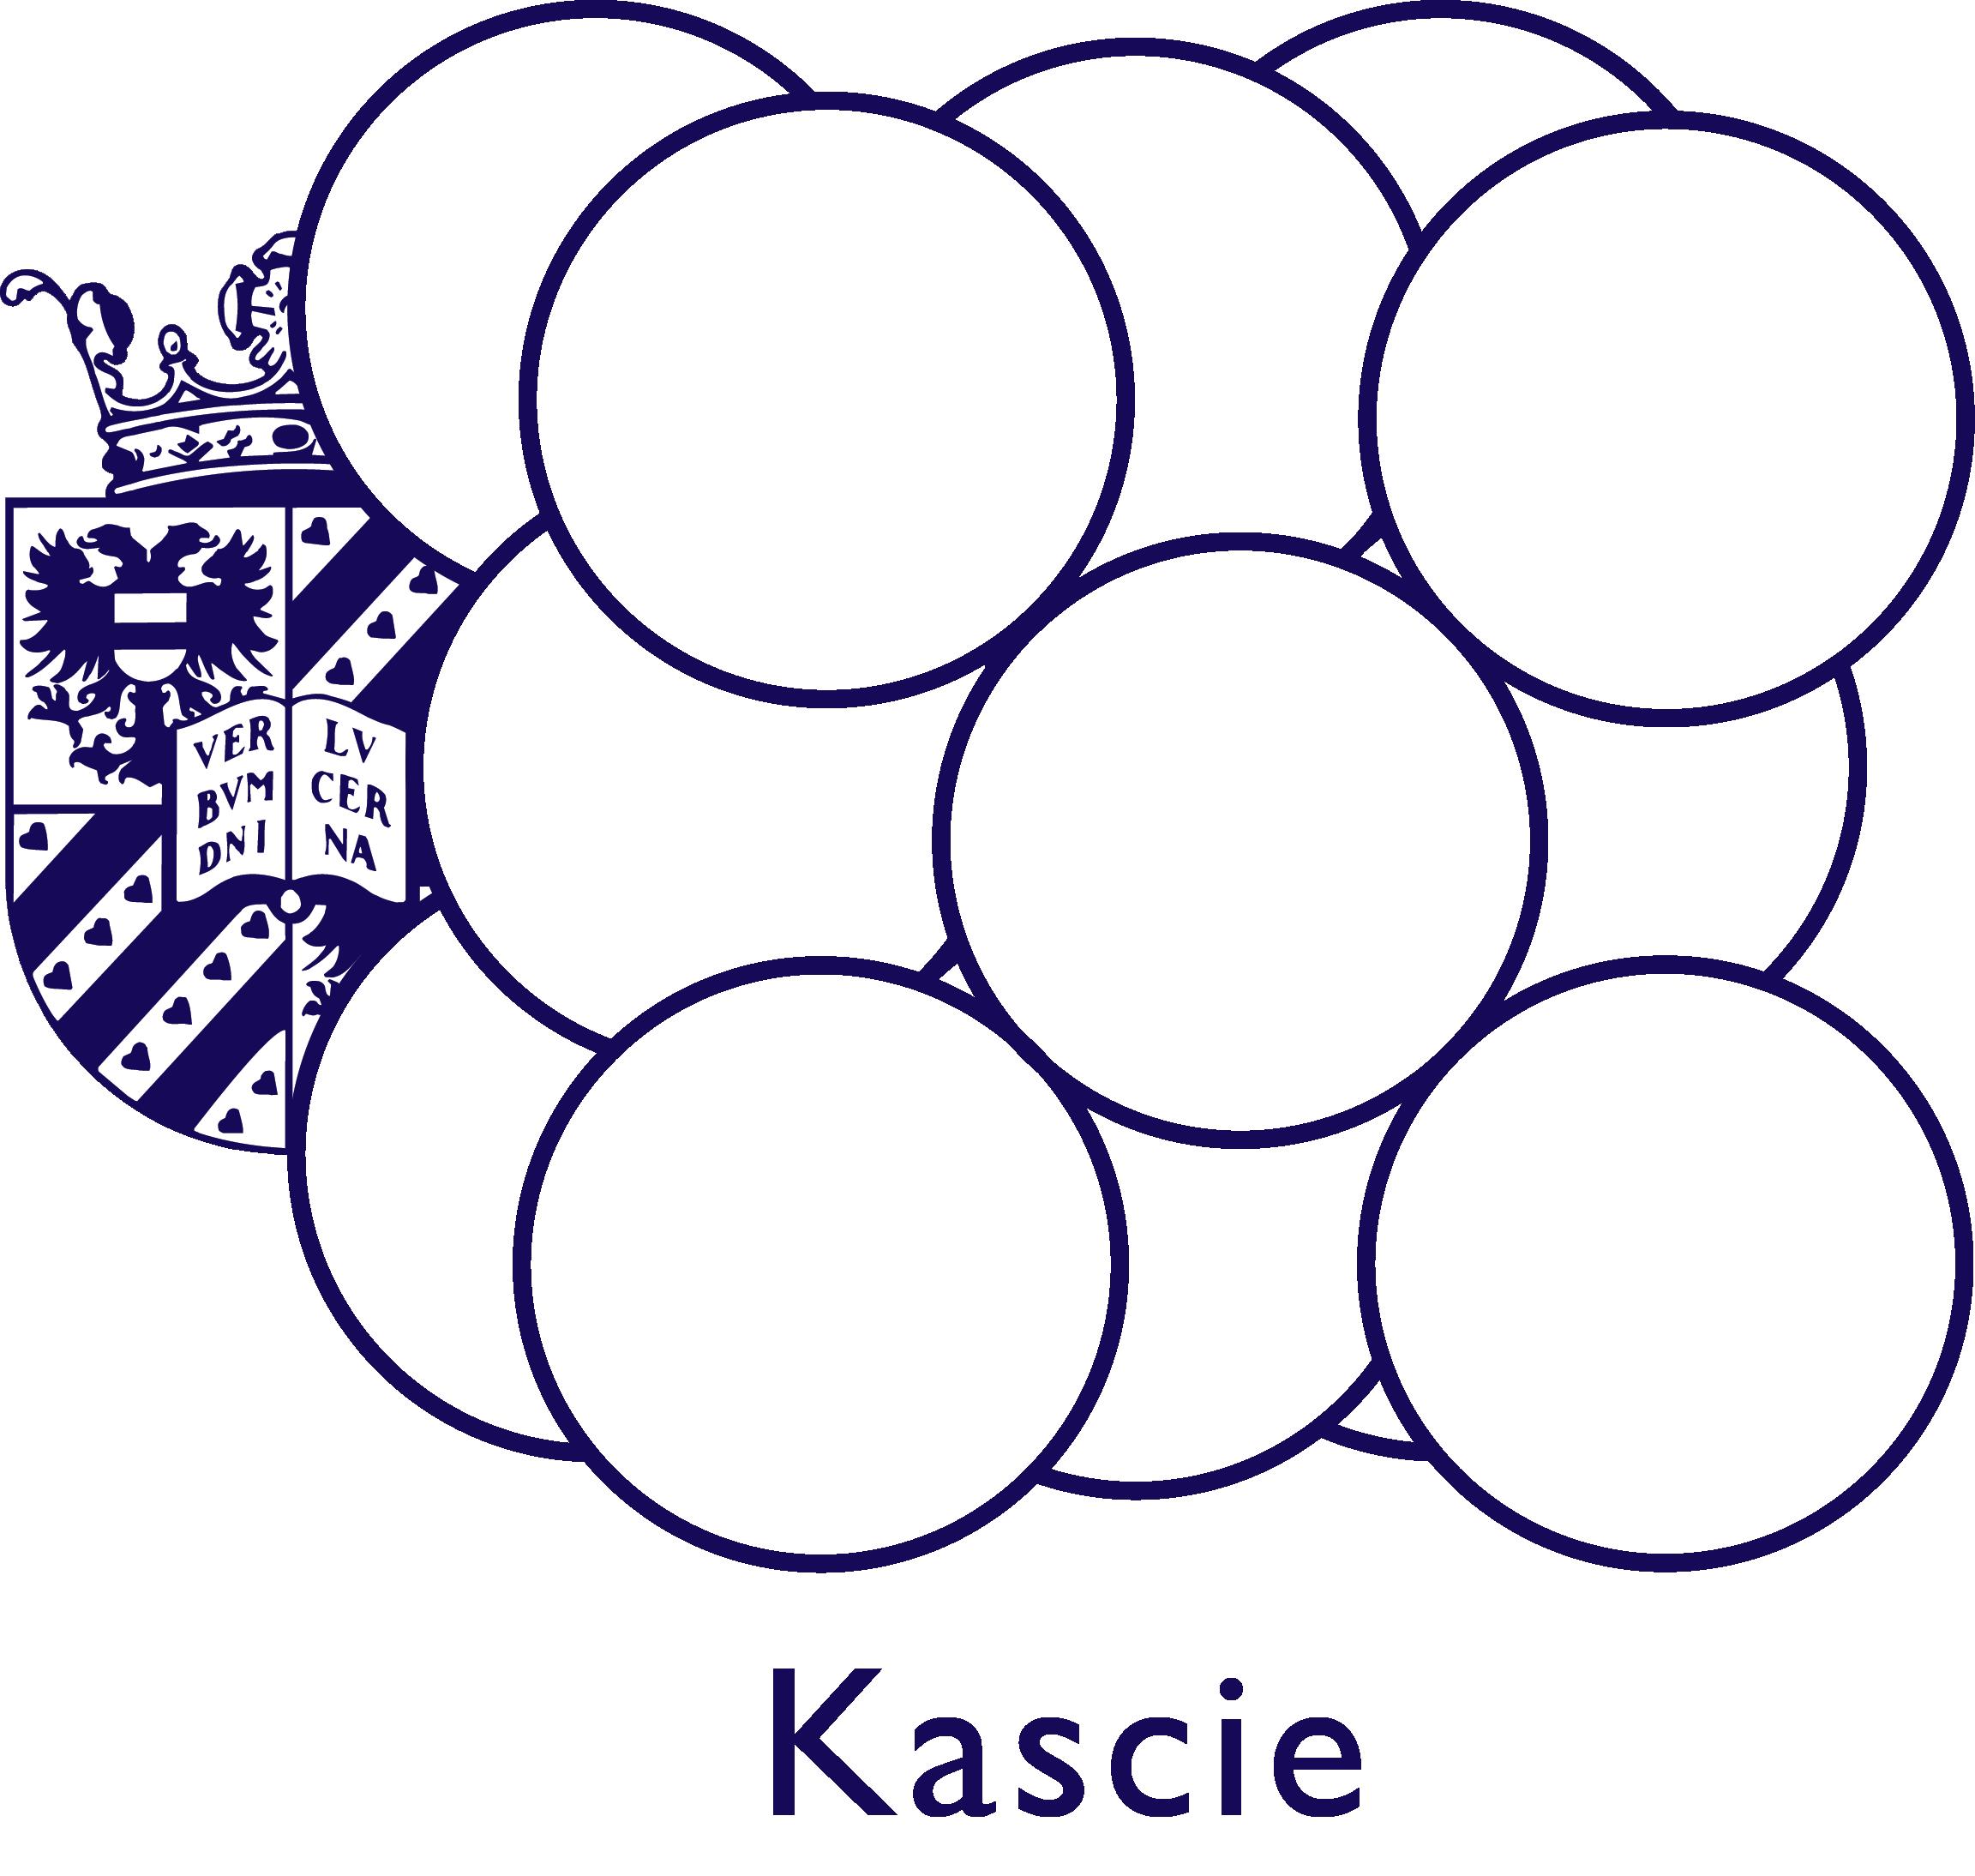 Kascie's logo